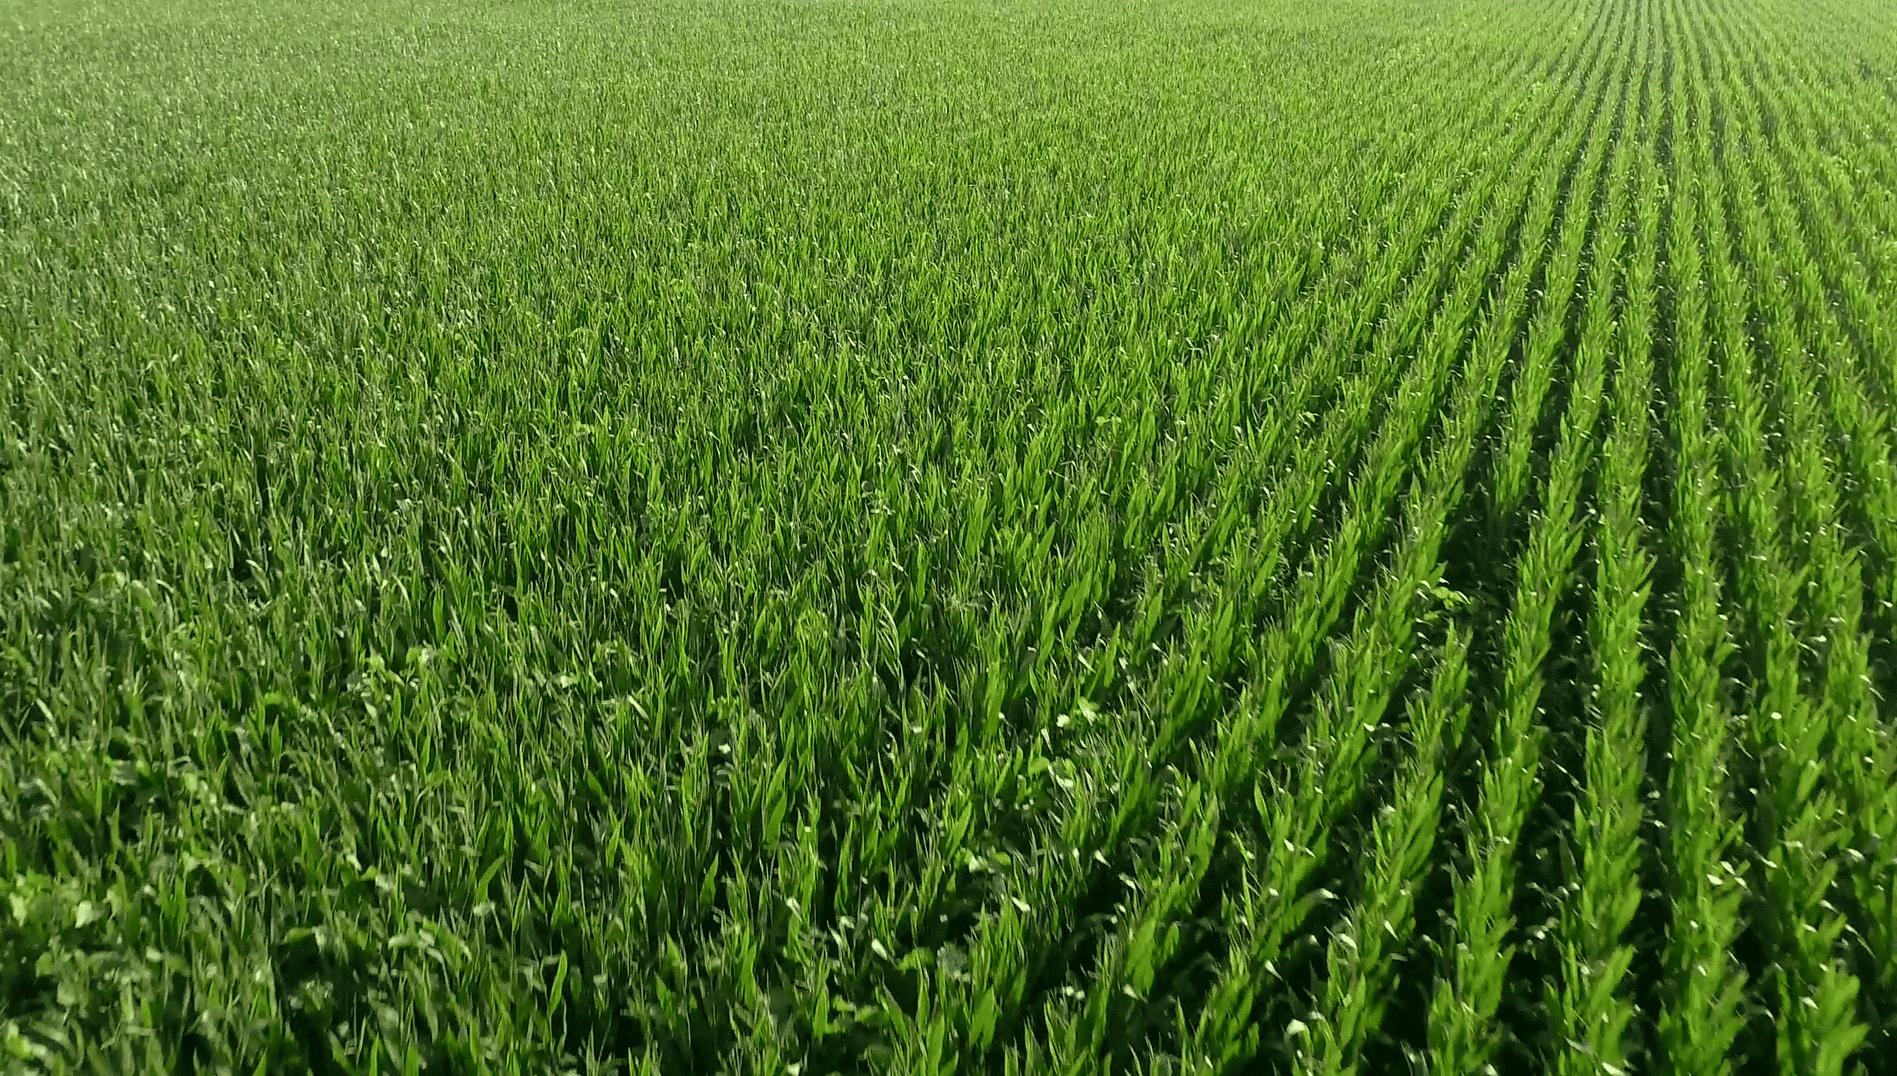 Healthy crops zeolite